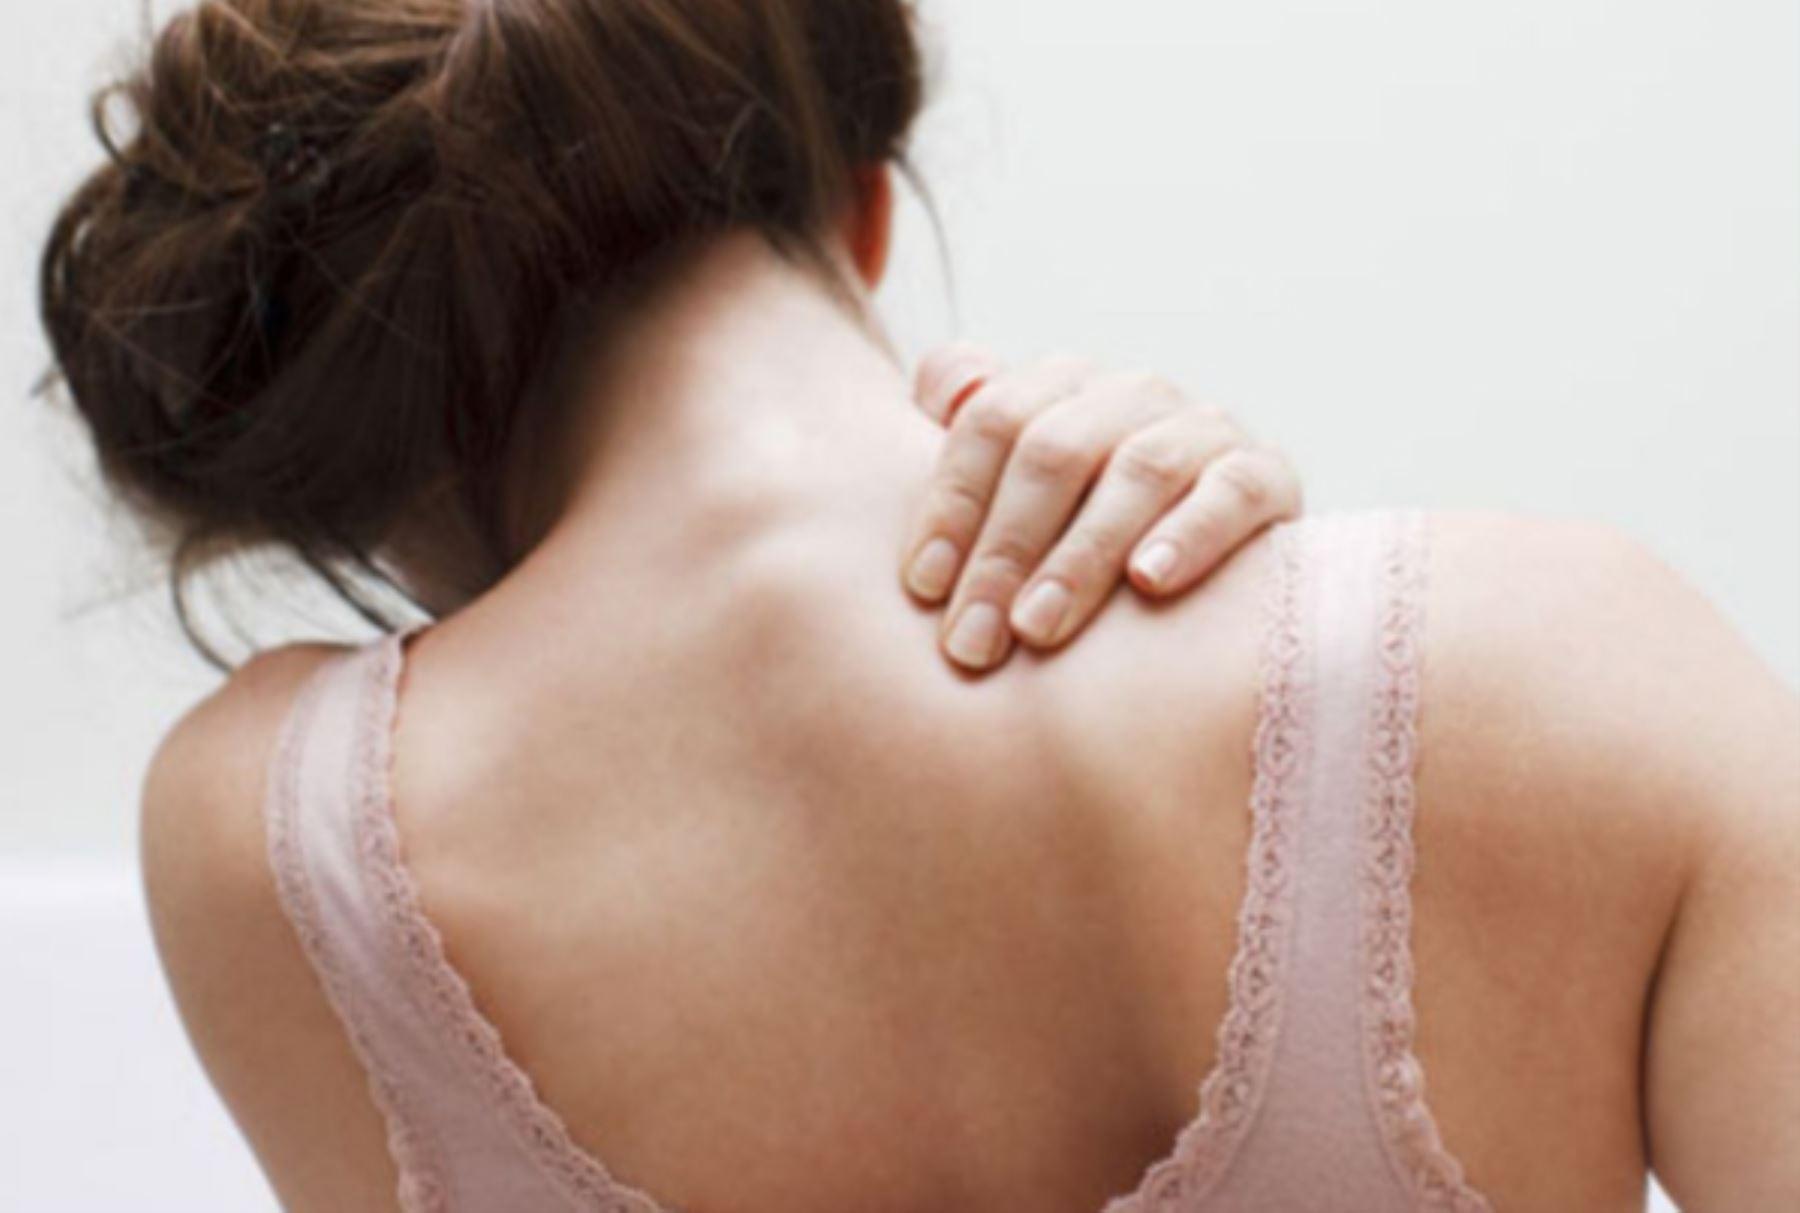 Especialista de EsSalud también alertó que la fibromialgia es más recurrente durante la etapa de adultez temprana y en mujeres.